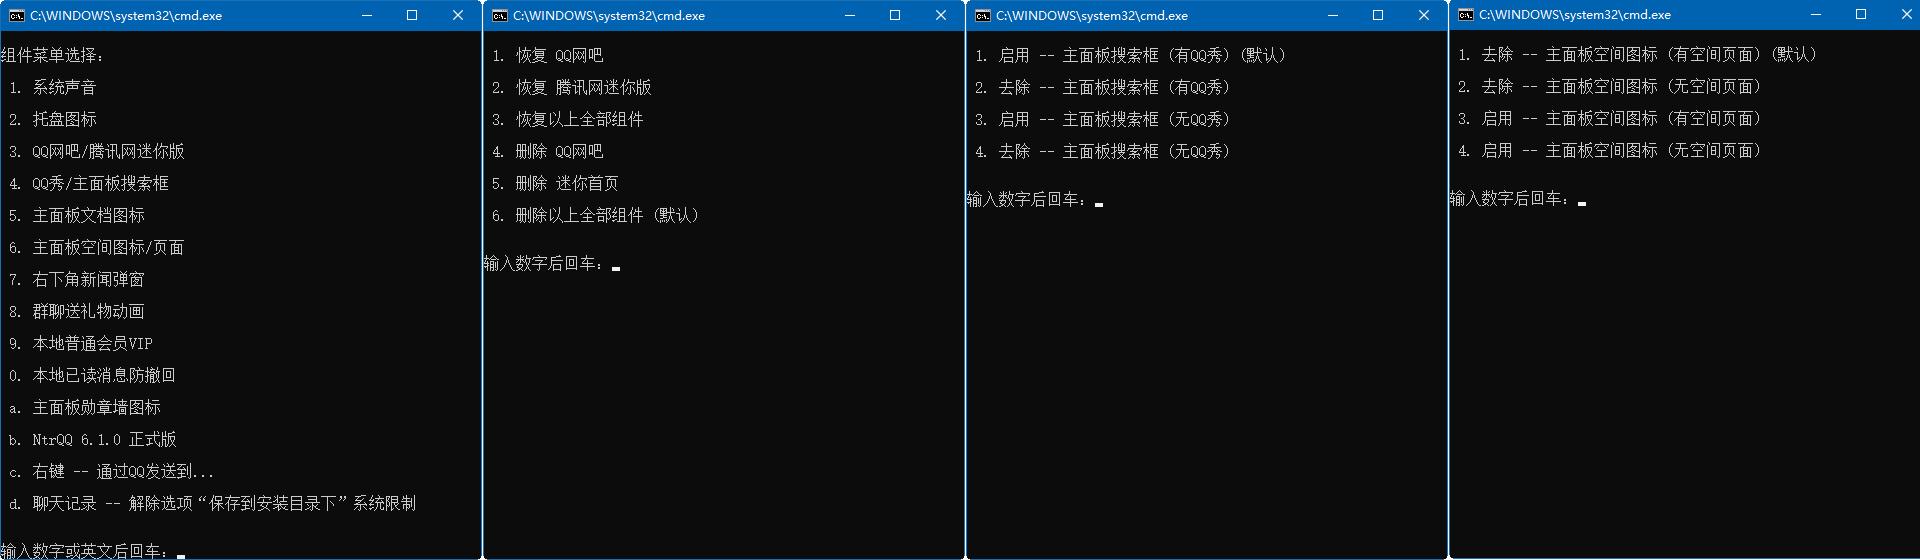 图片[2]-QQPC版 v9.4.2(27666) 正式版去广告增强版-思安阁